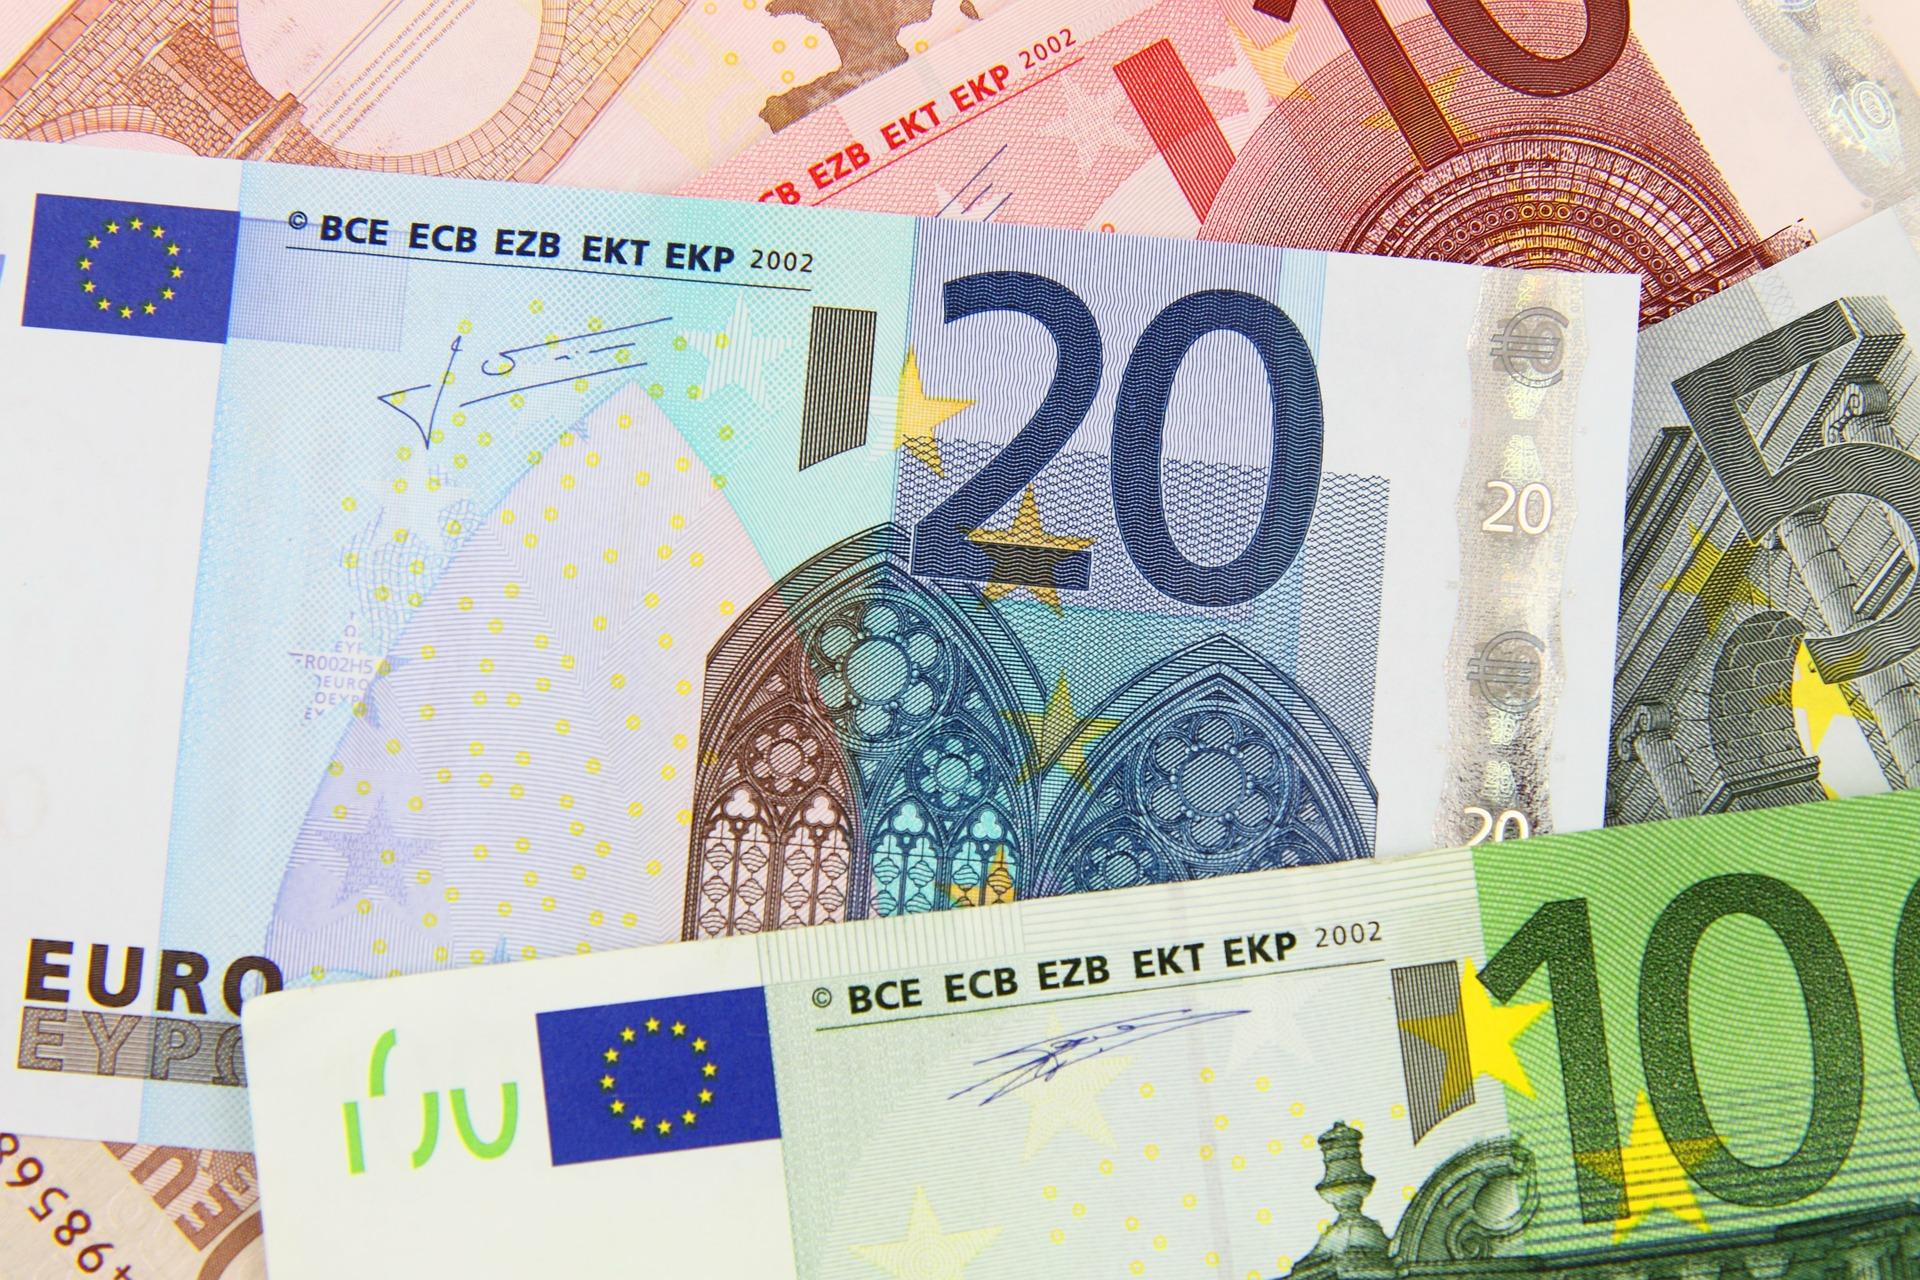 Kreditvergleich 1000 EUR ❖ Banken Vergleich Online